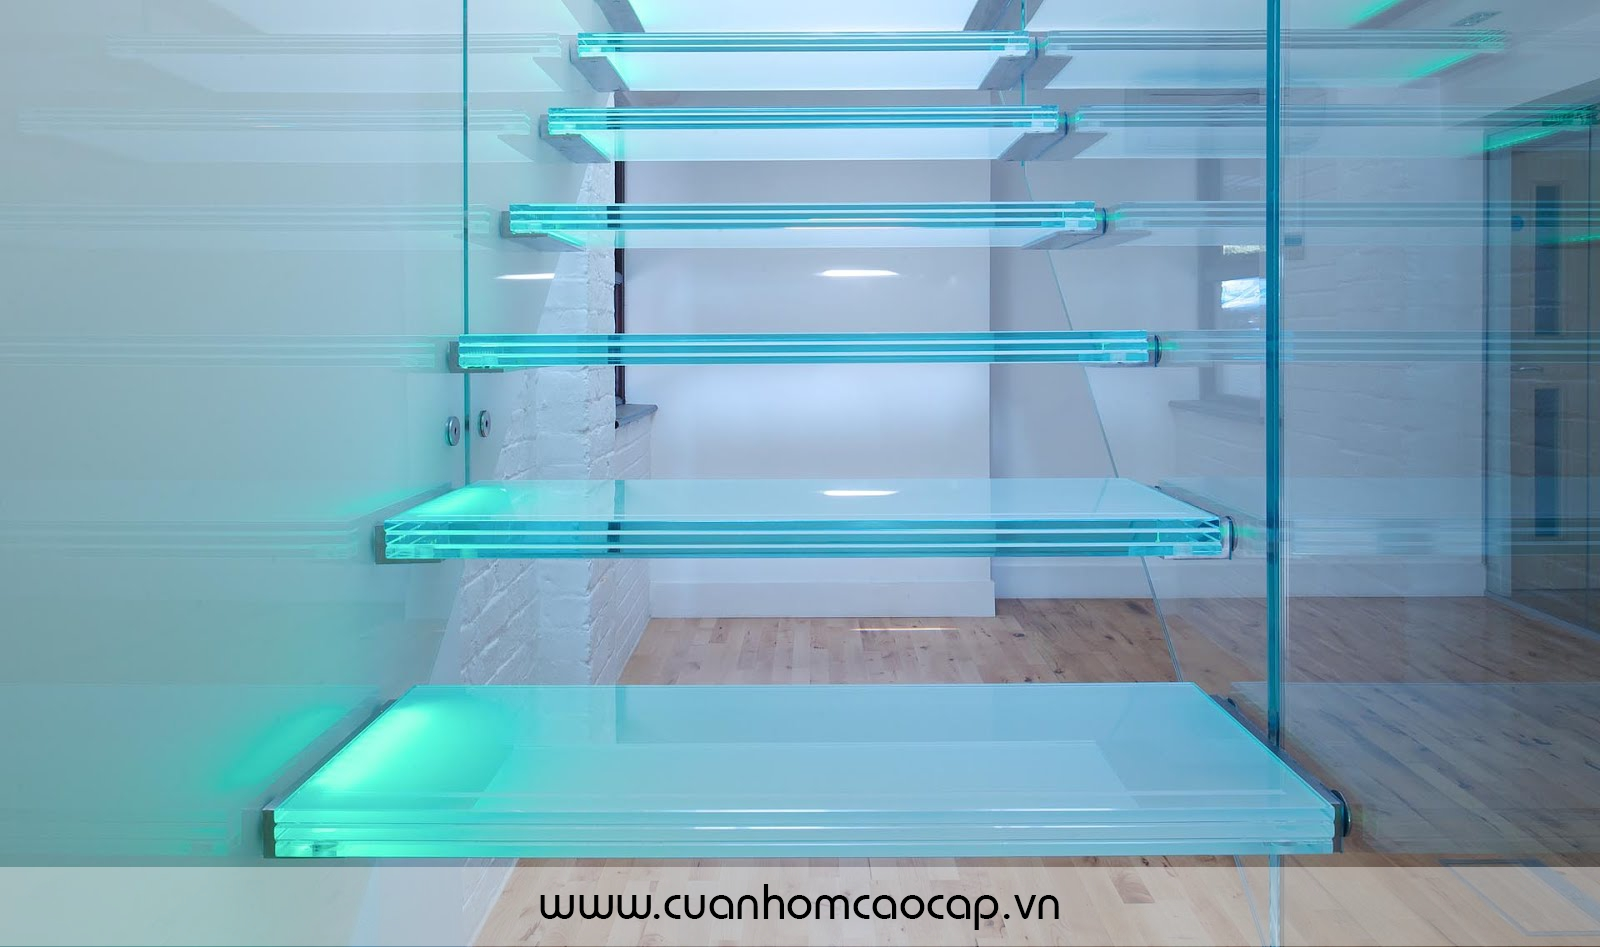 Thiết kế bậc cầu thang là kính 10mm CL ghép 3 tấm